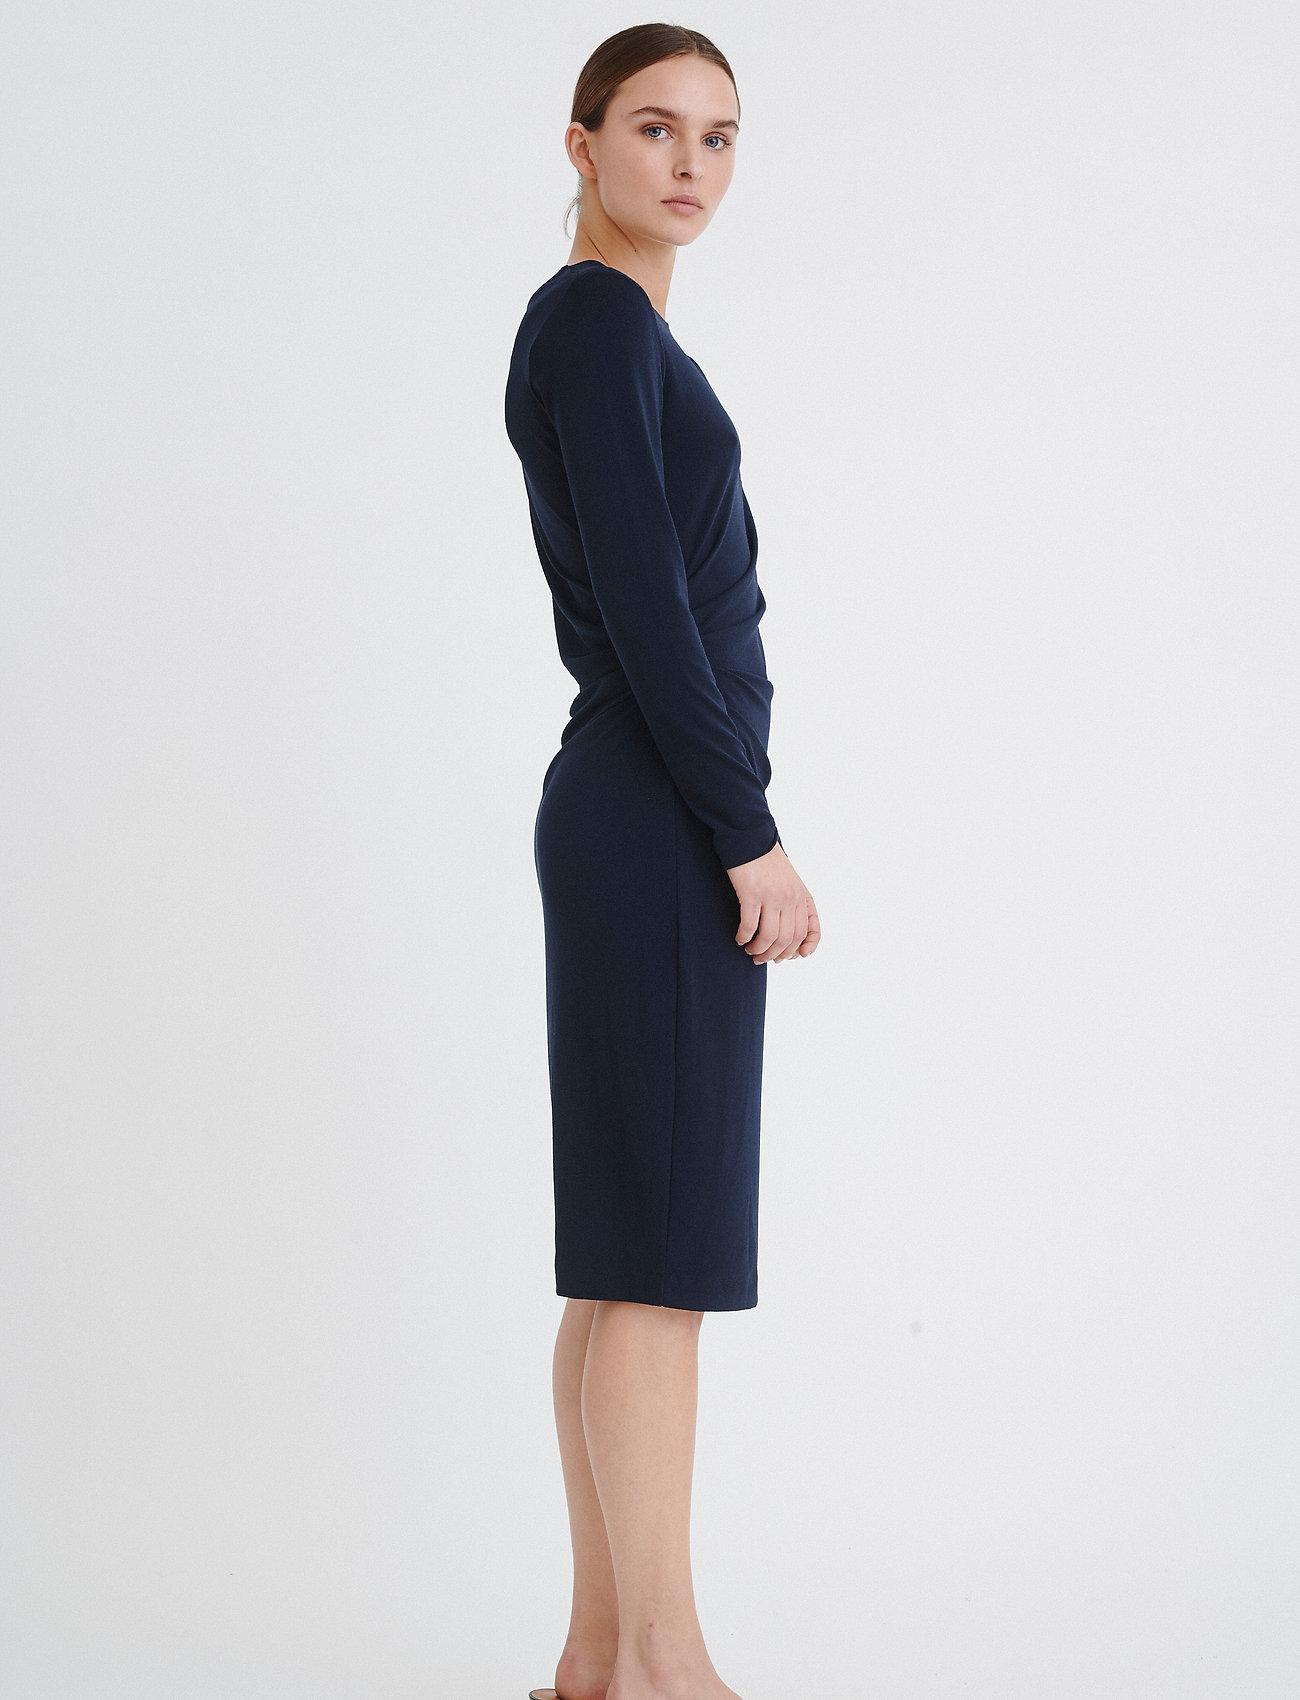 InWear Trude Dress - Kjoler MARINE BLUE - Dameklær Spesialtilbud